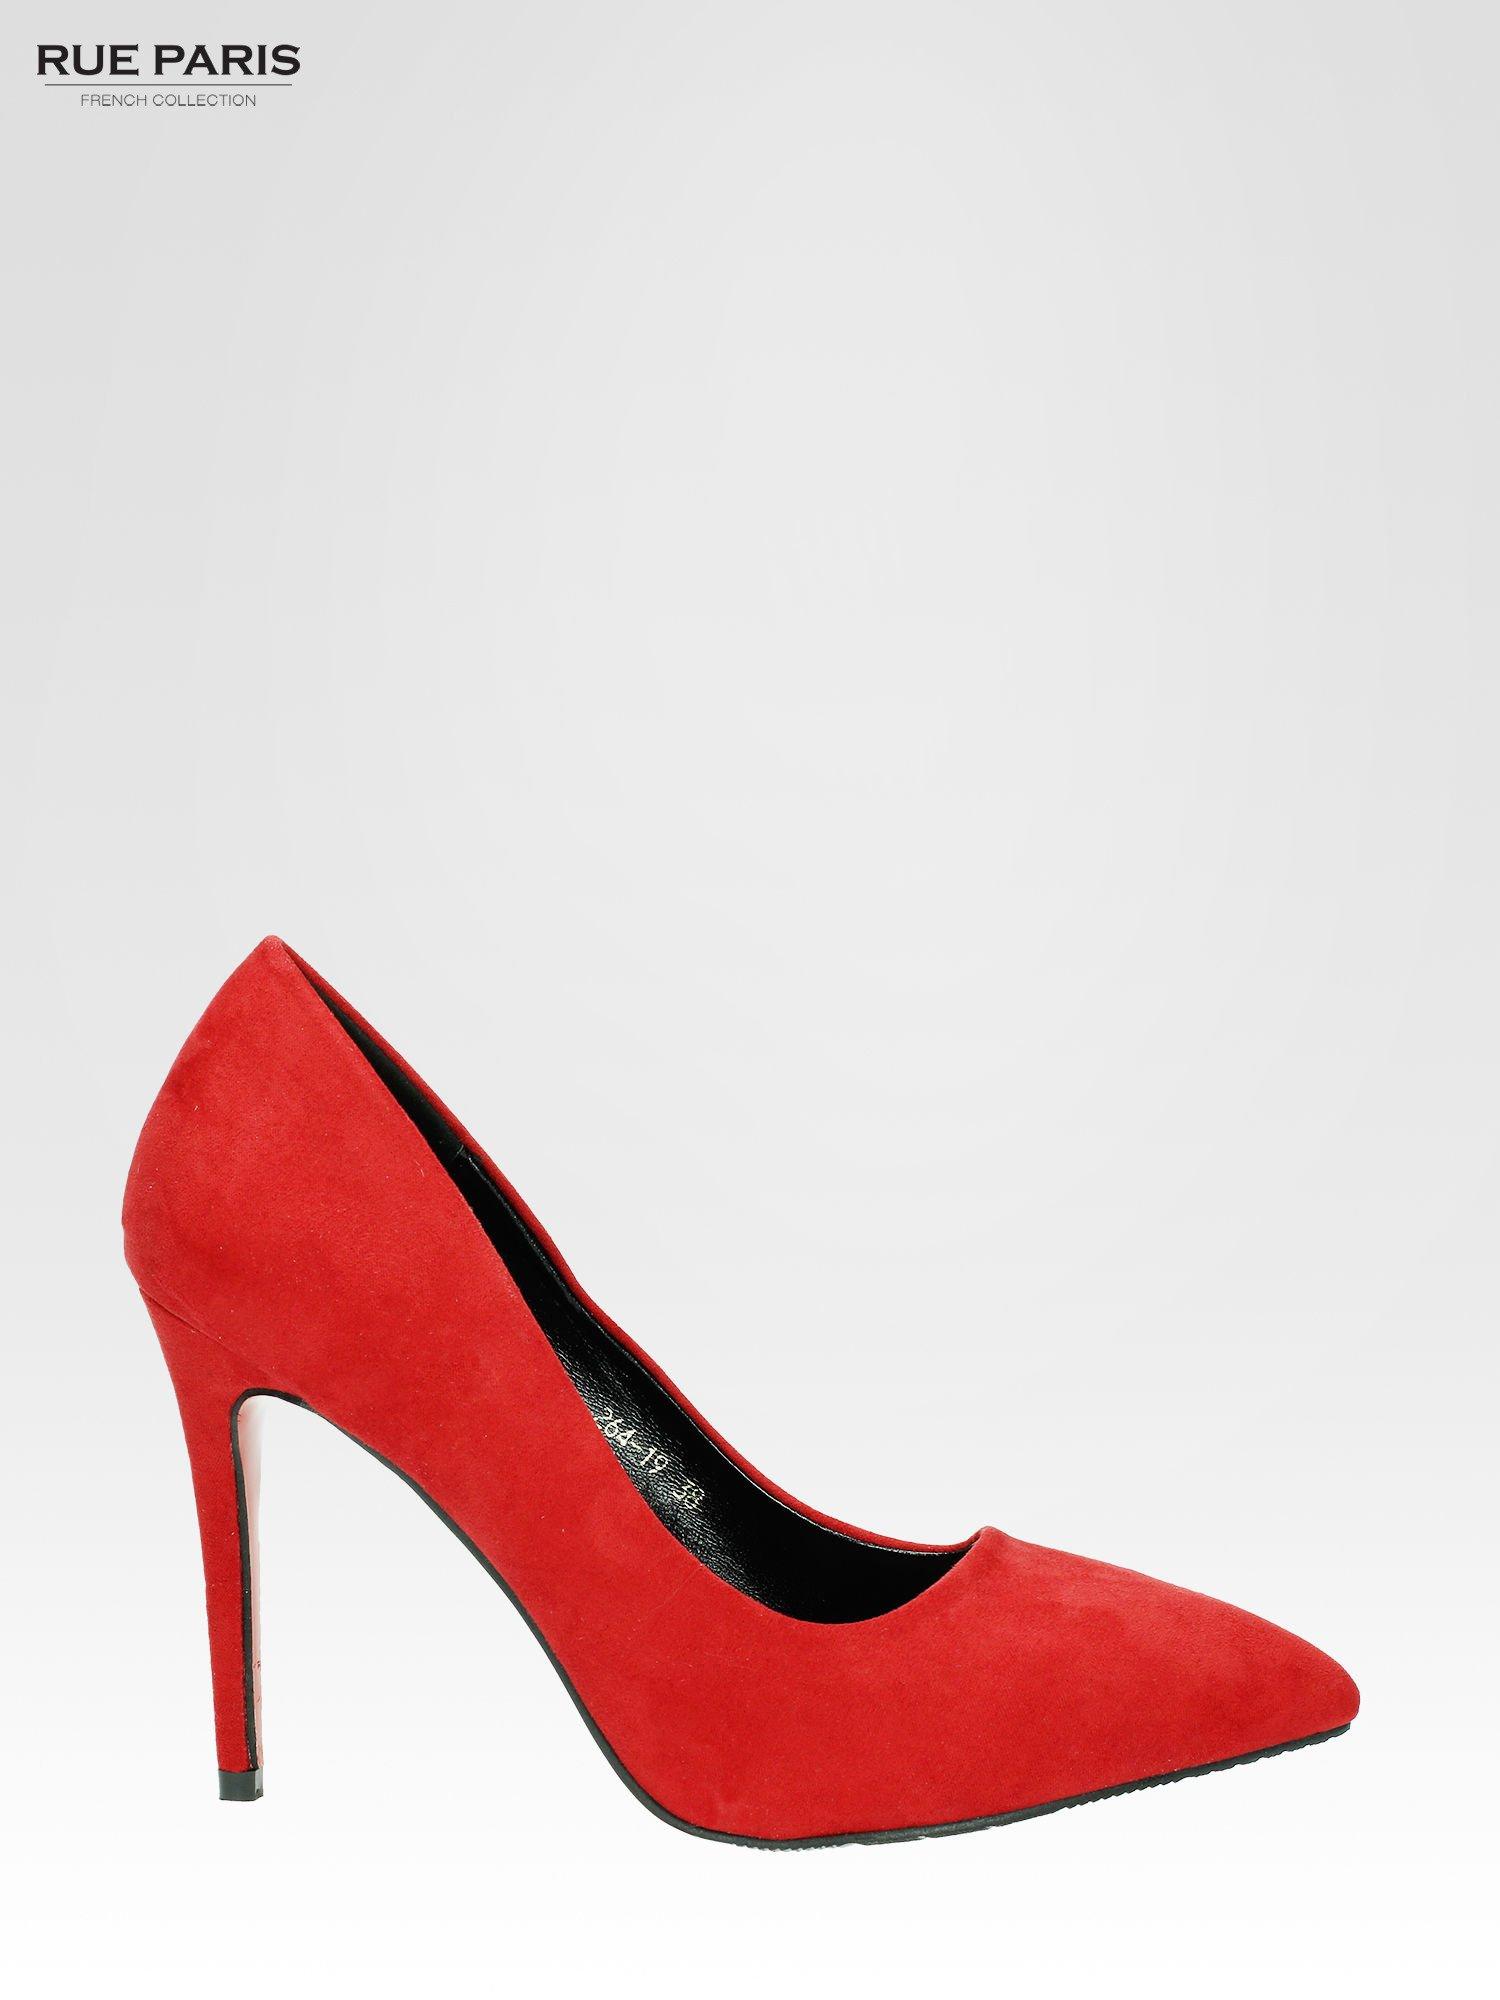 Czerwone szpilki w szpic z zamszu faux suede                                  zdj.                                  1